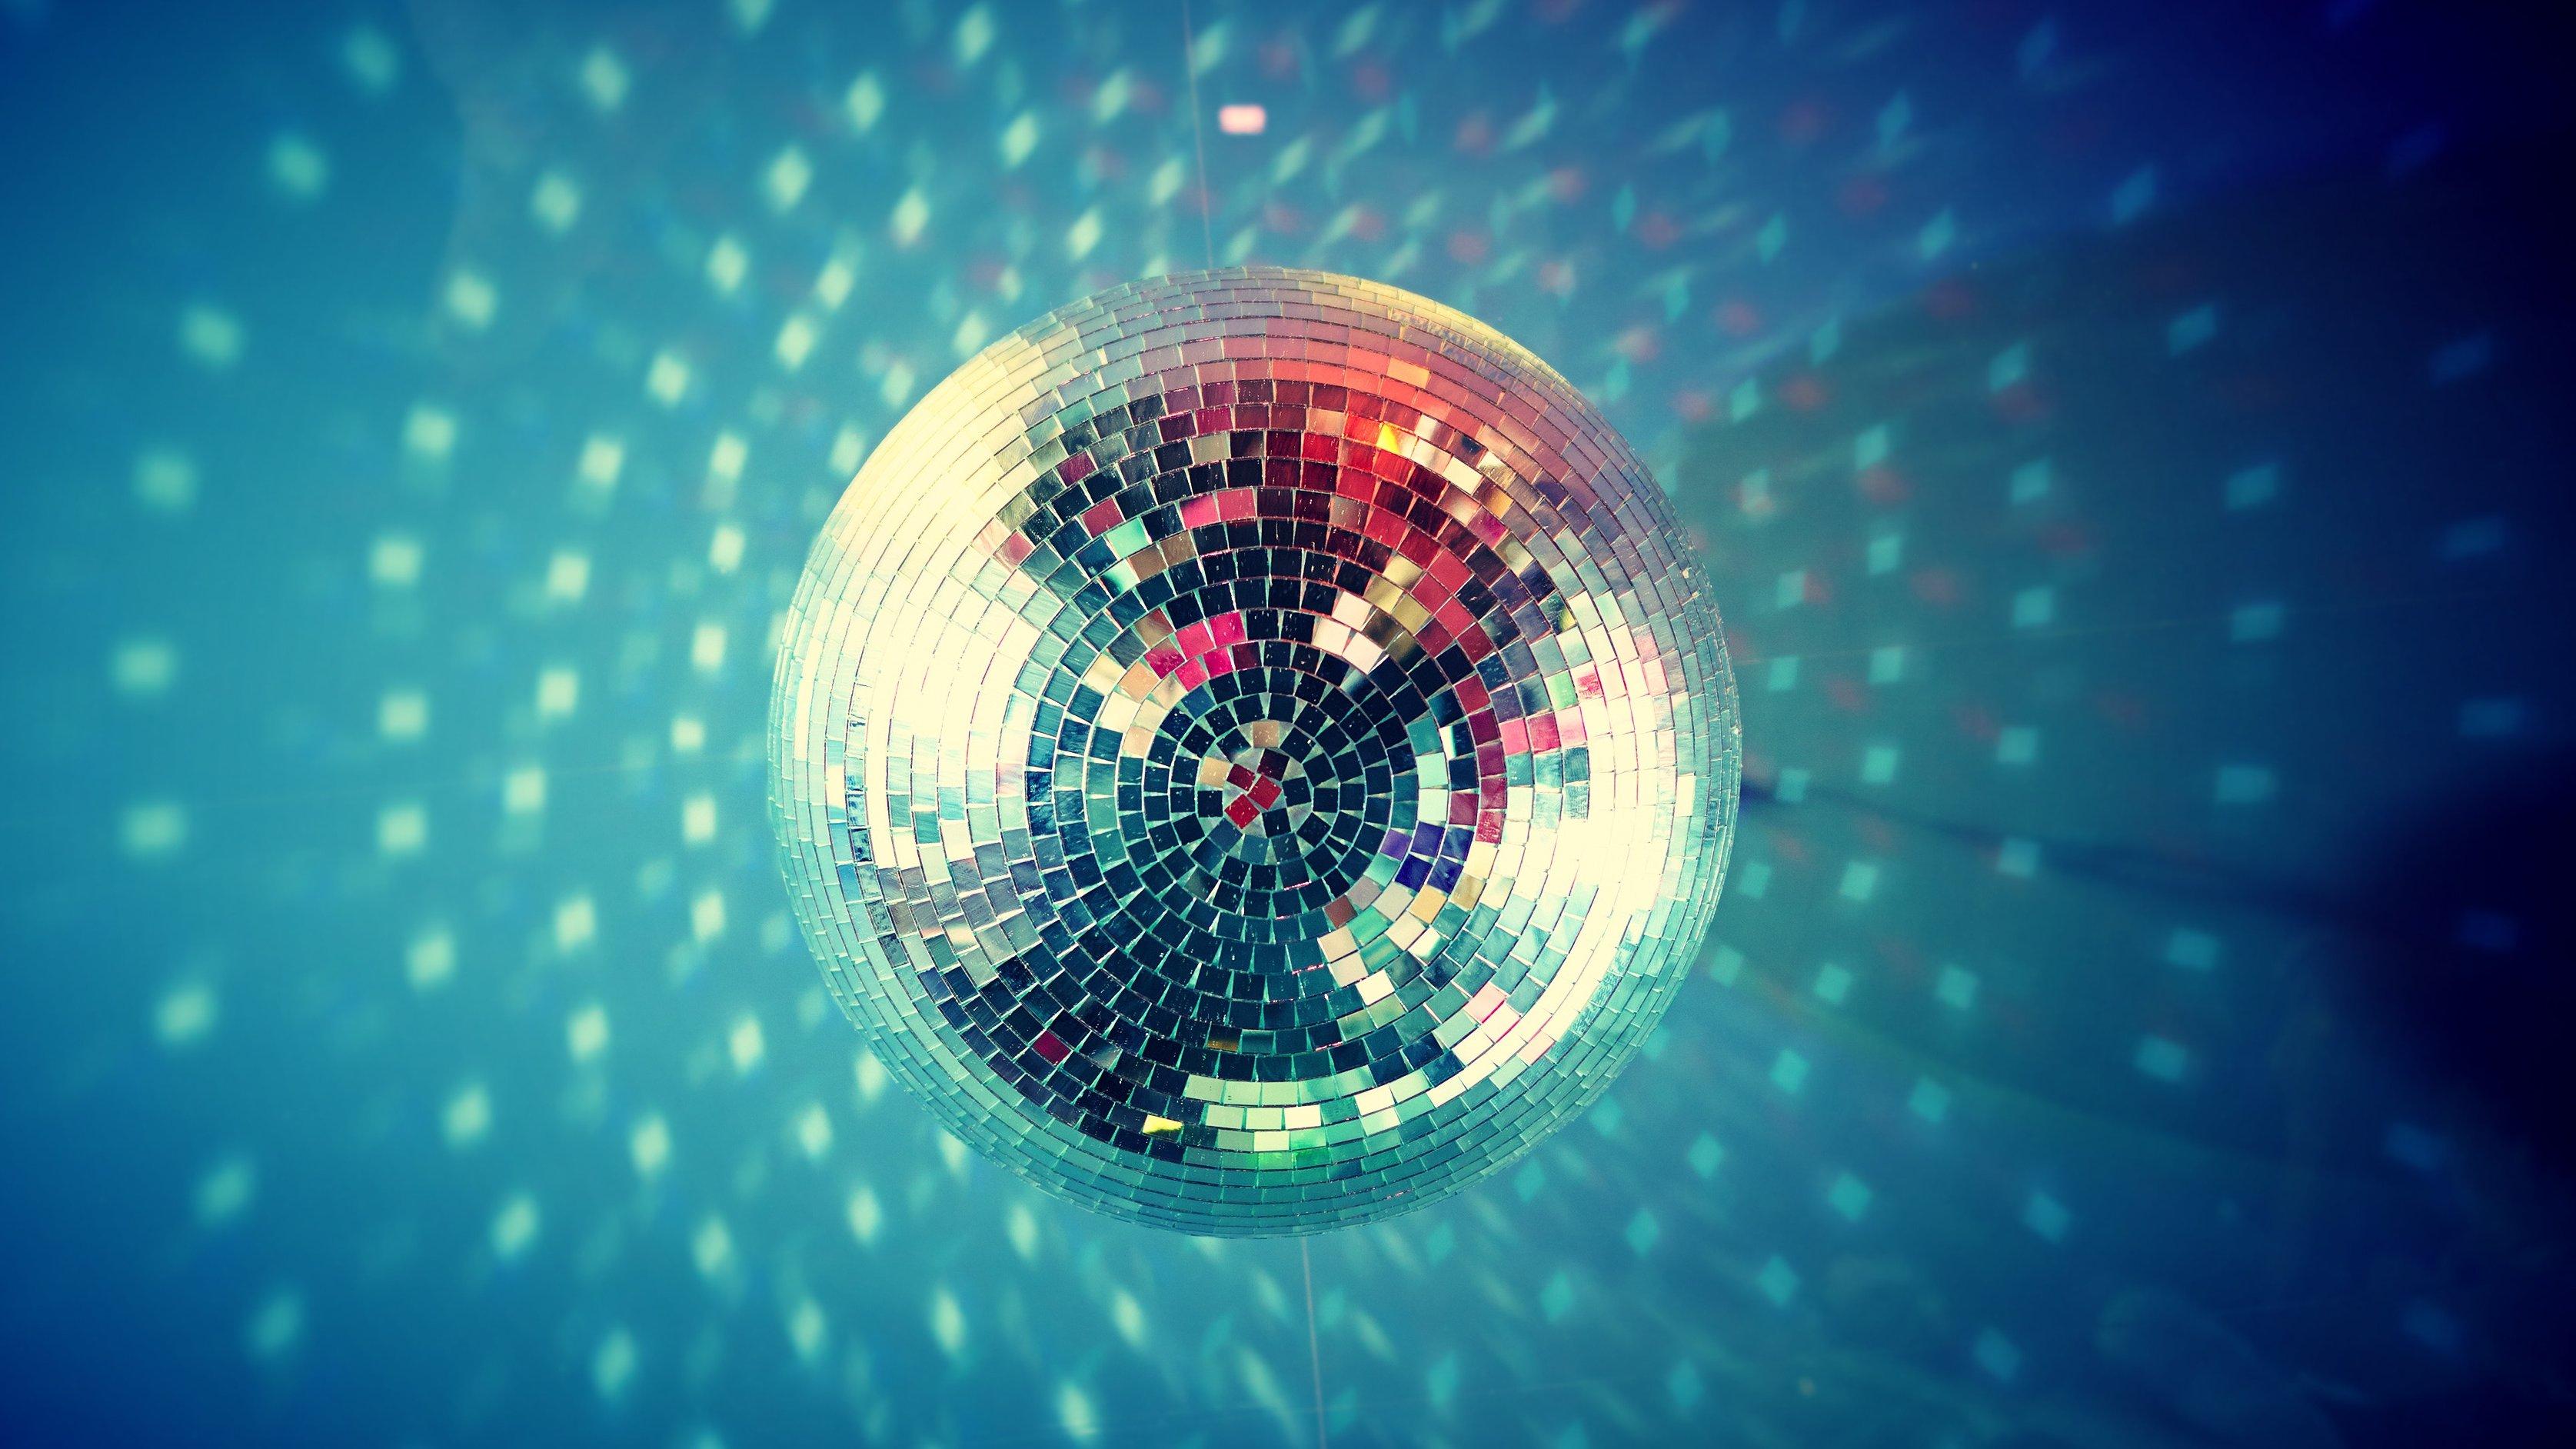 Ljuset från den snurrande diskokulan gör upplevelsen lite mer spännande.